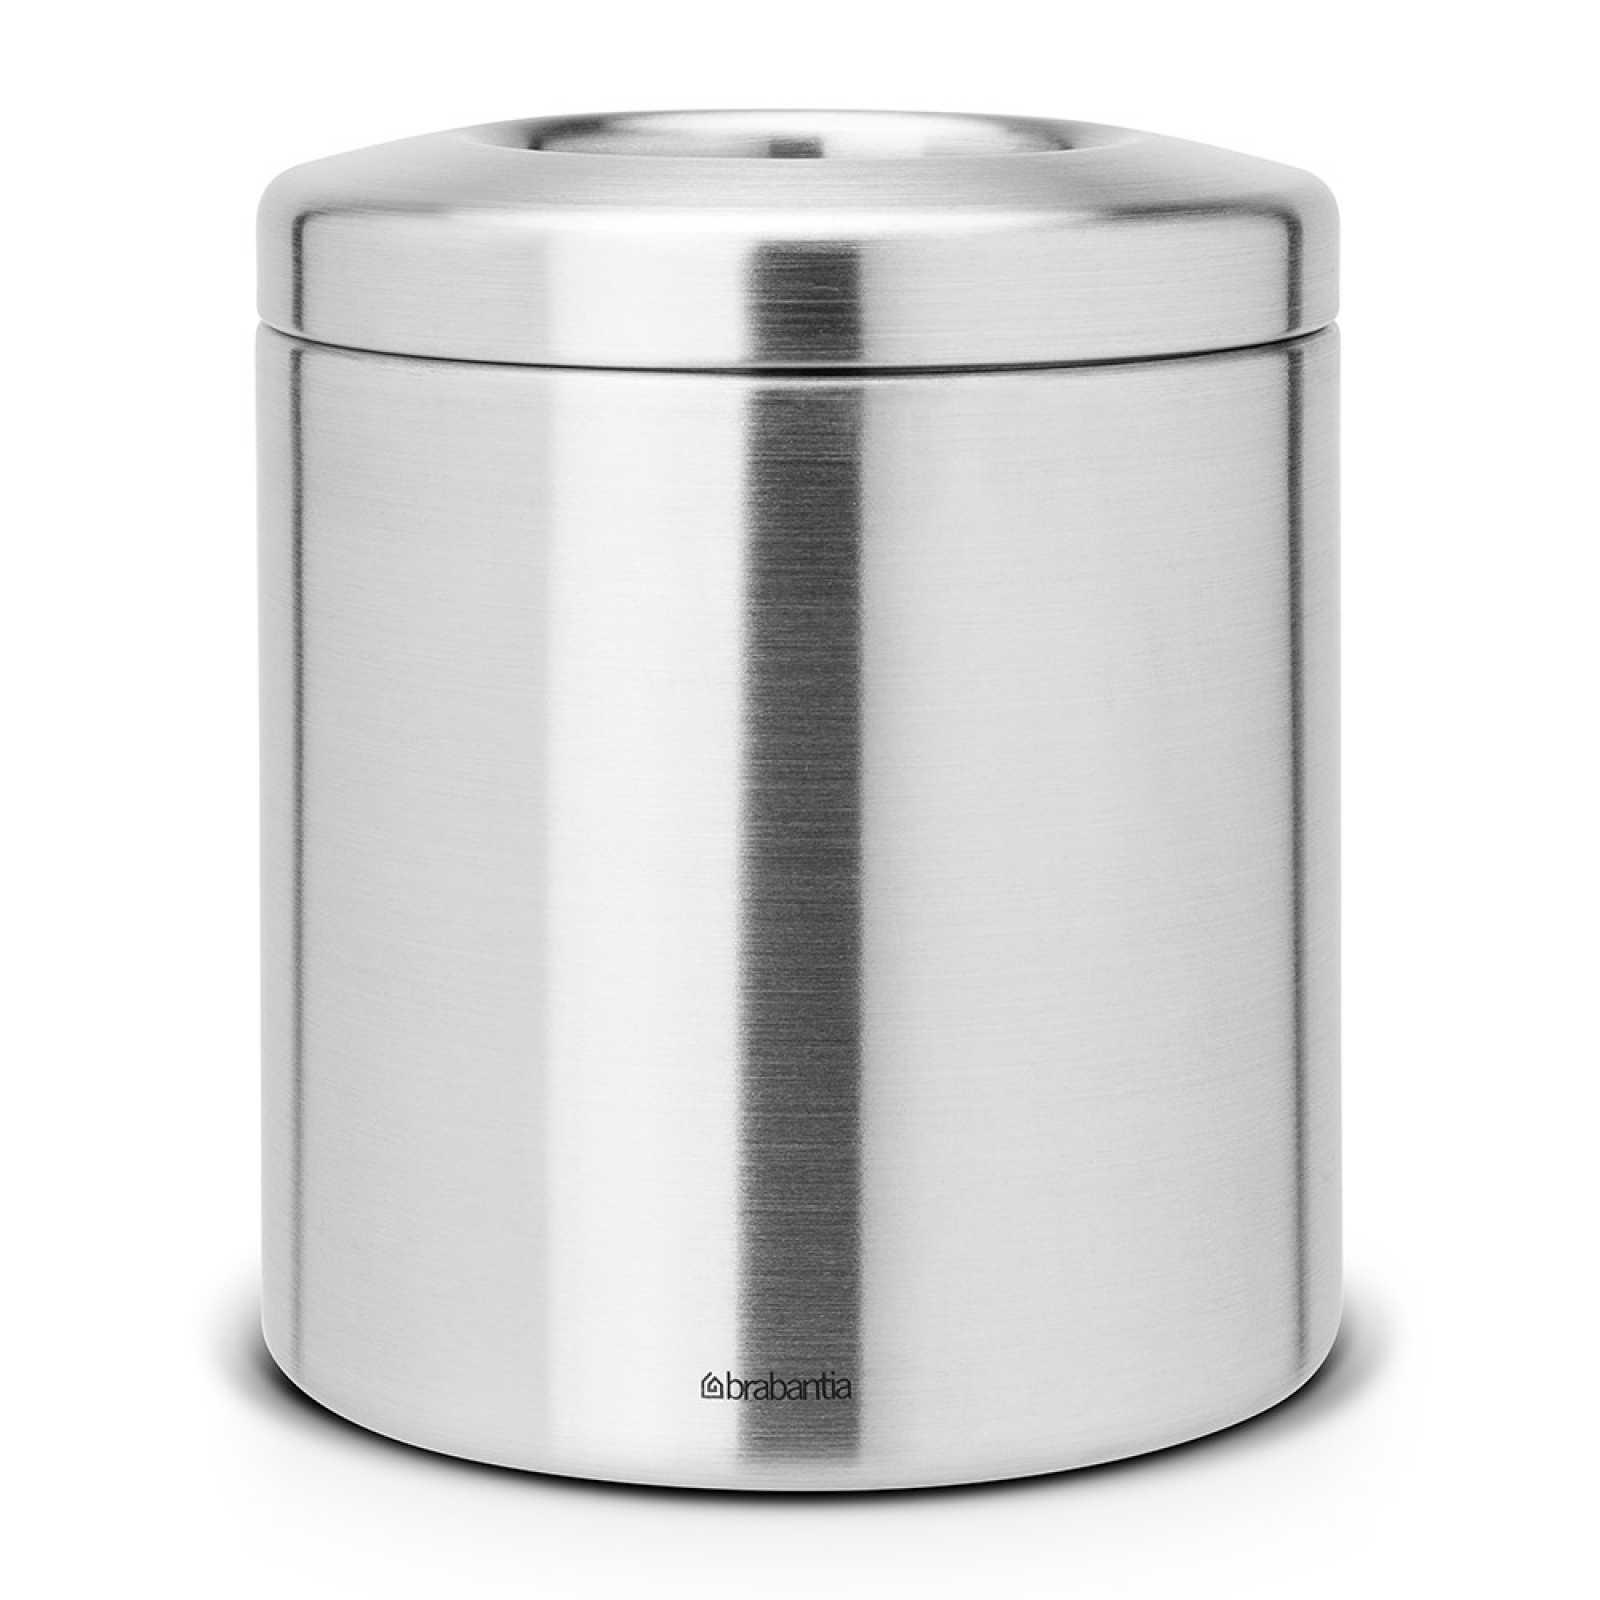 Онлайн каталог PROMENU: Контейнер для мусора настольный Brabantia, диаметр 14 см, высота 16,5 см, объем 1 л Brabantia 297960